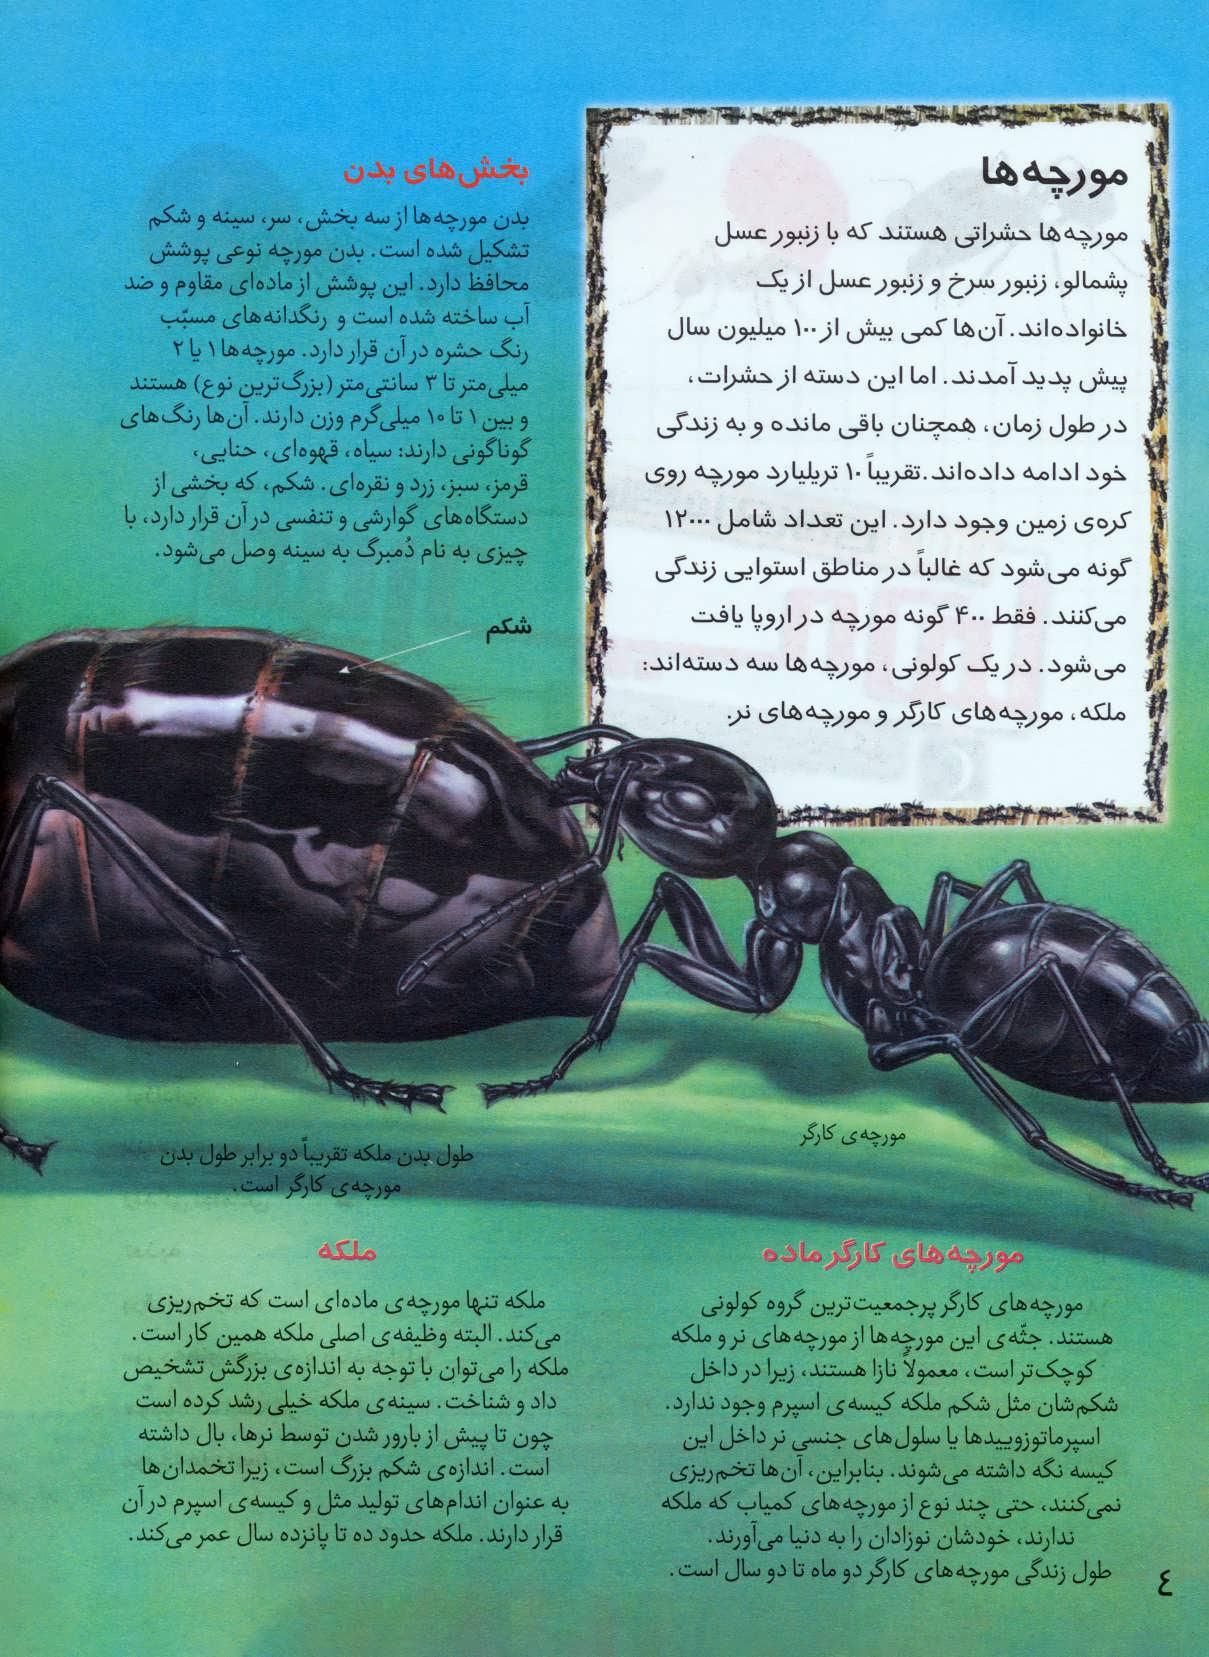 شگفتی های جهان (مورچه ها)